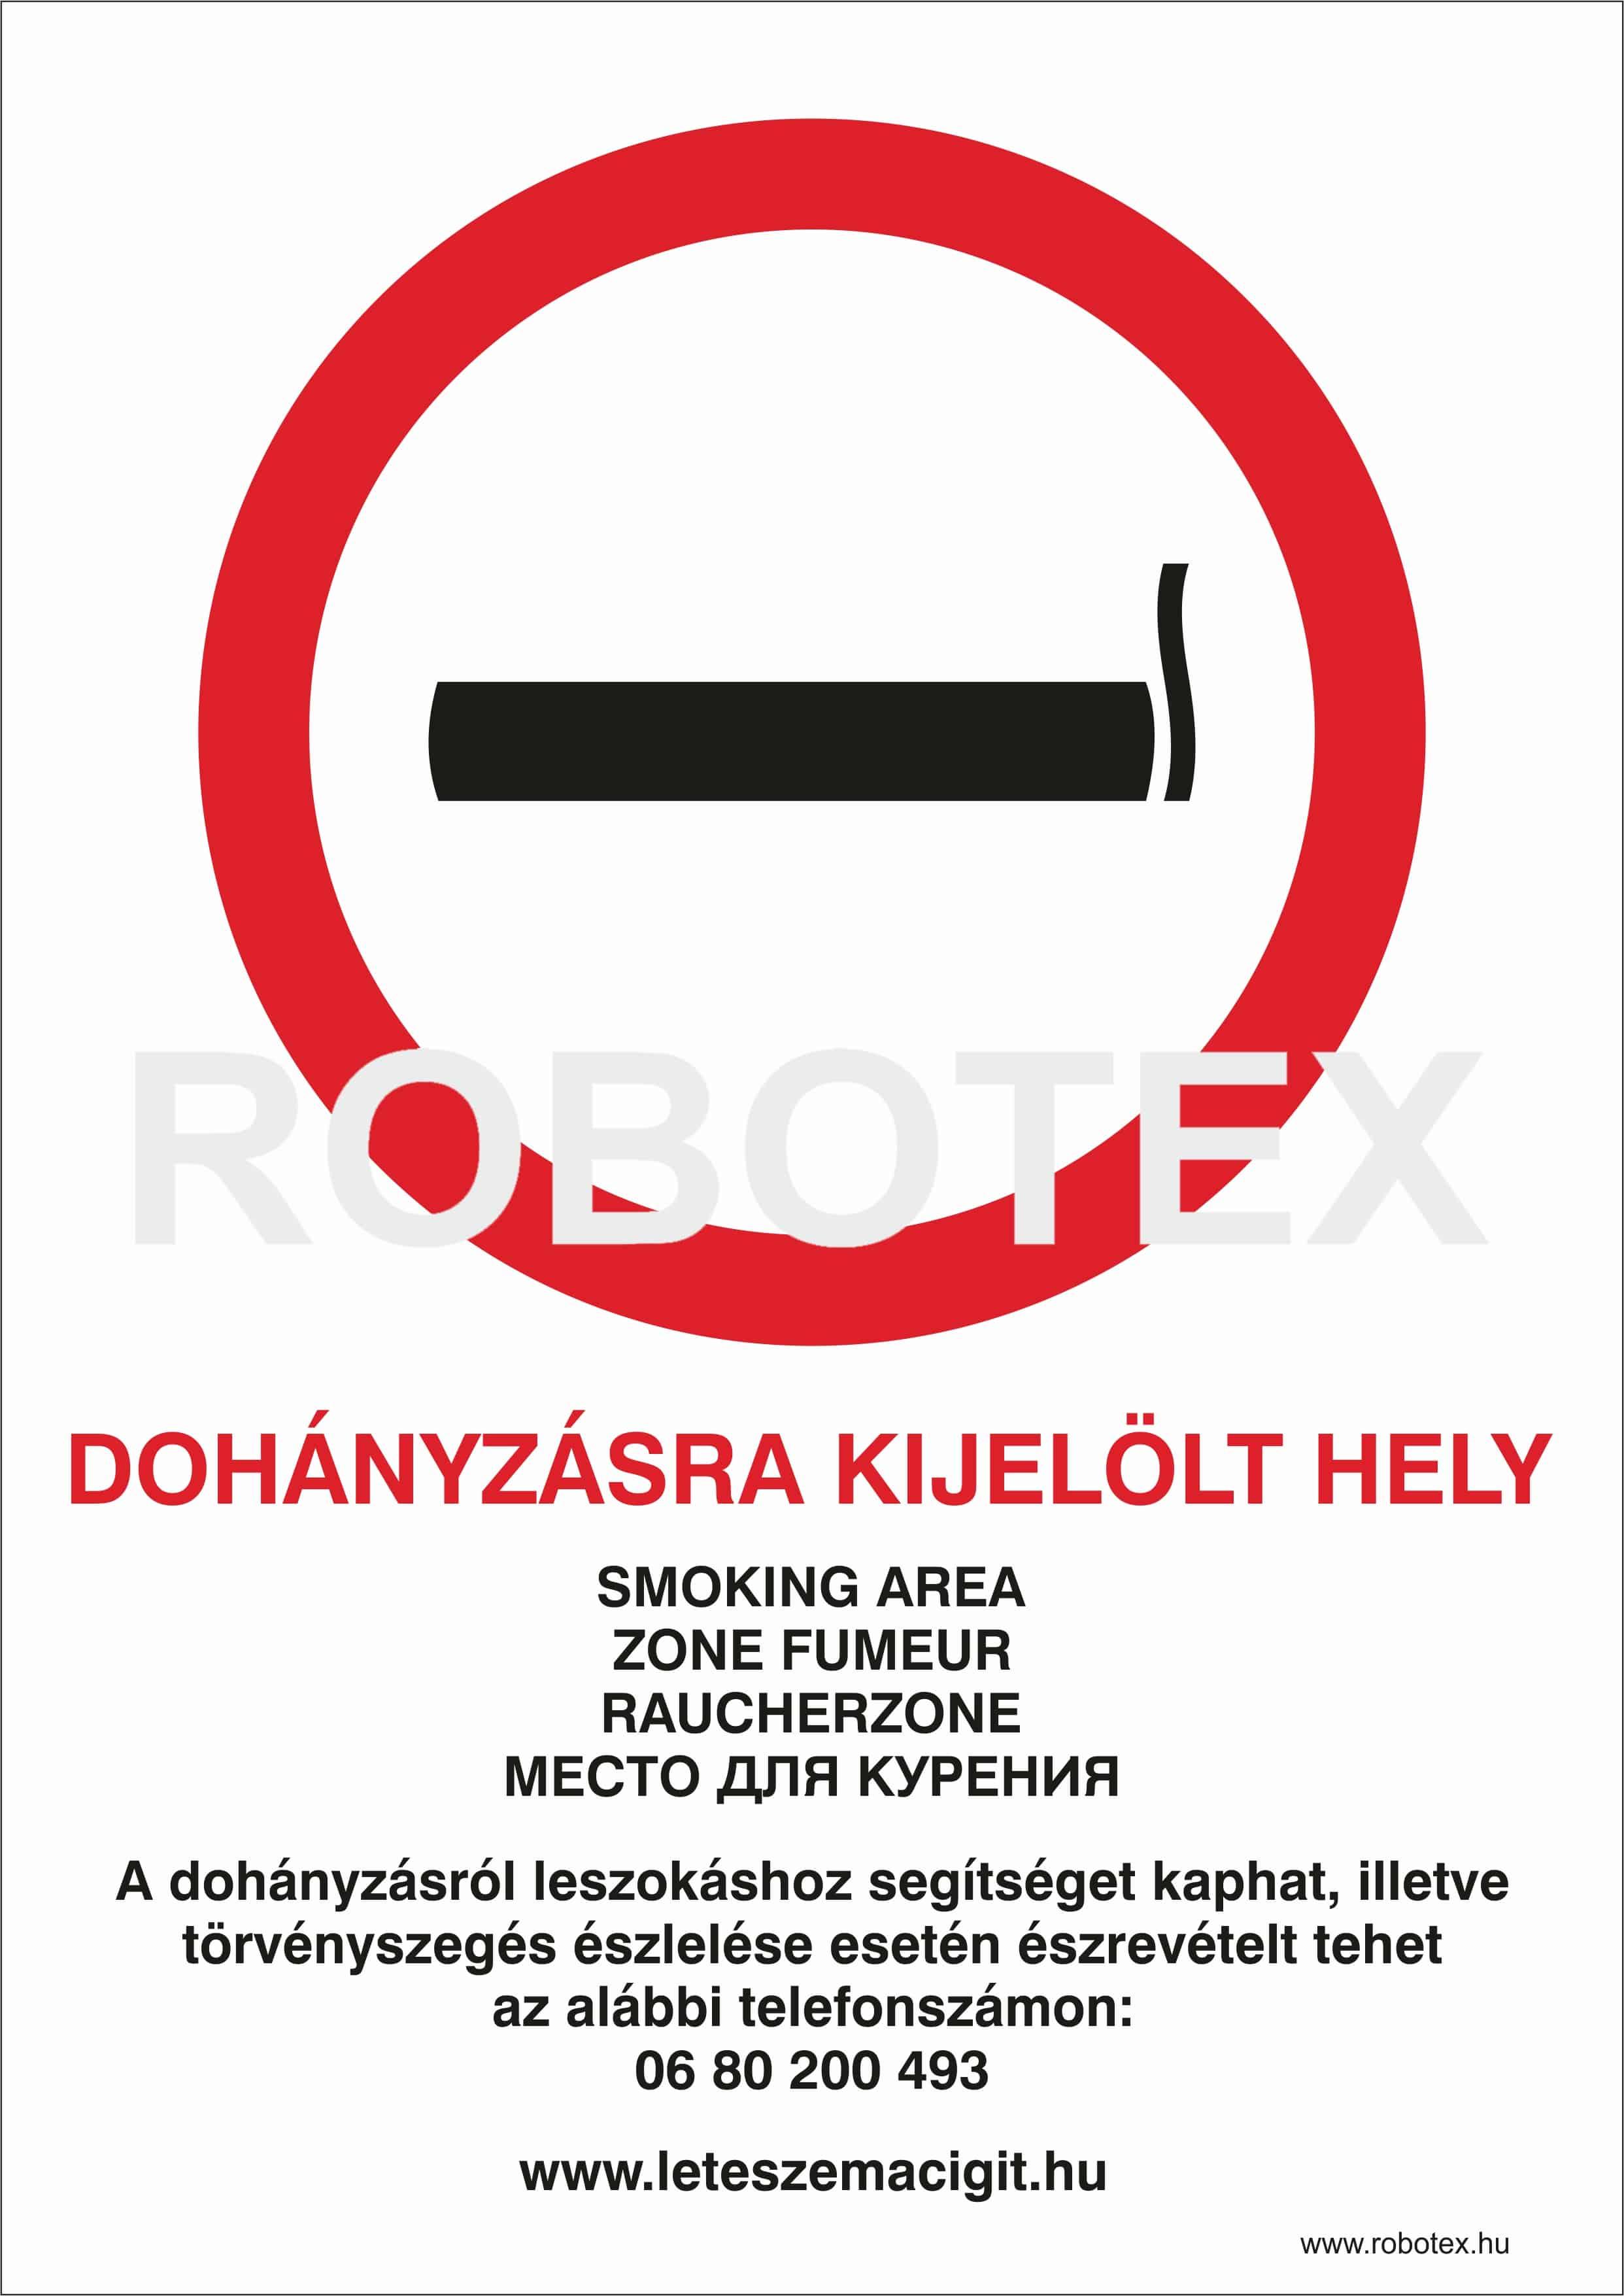 Dohányzásra kijelölt hely 4 nyelvű ANTSZ